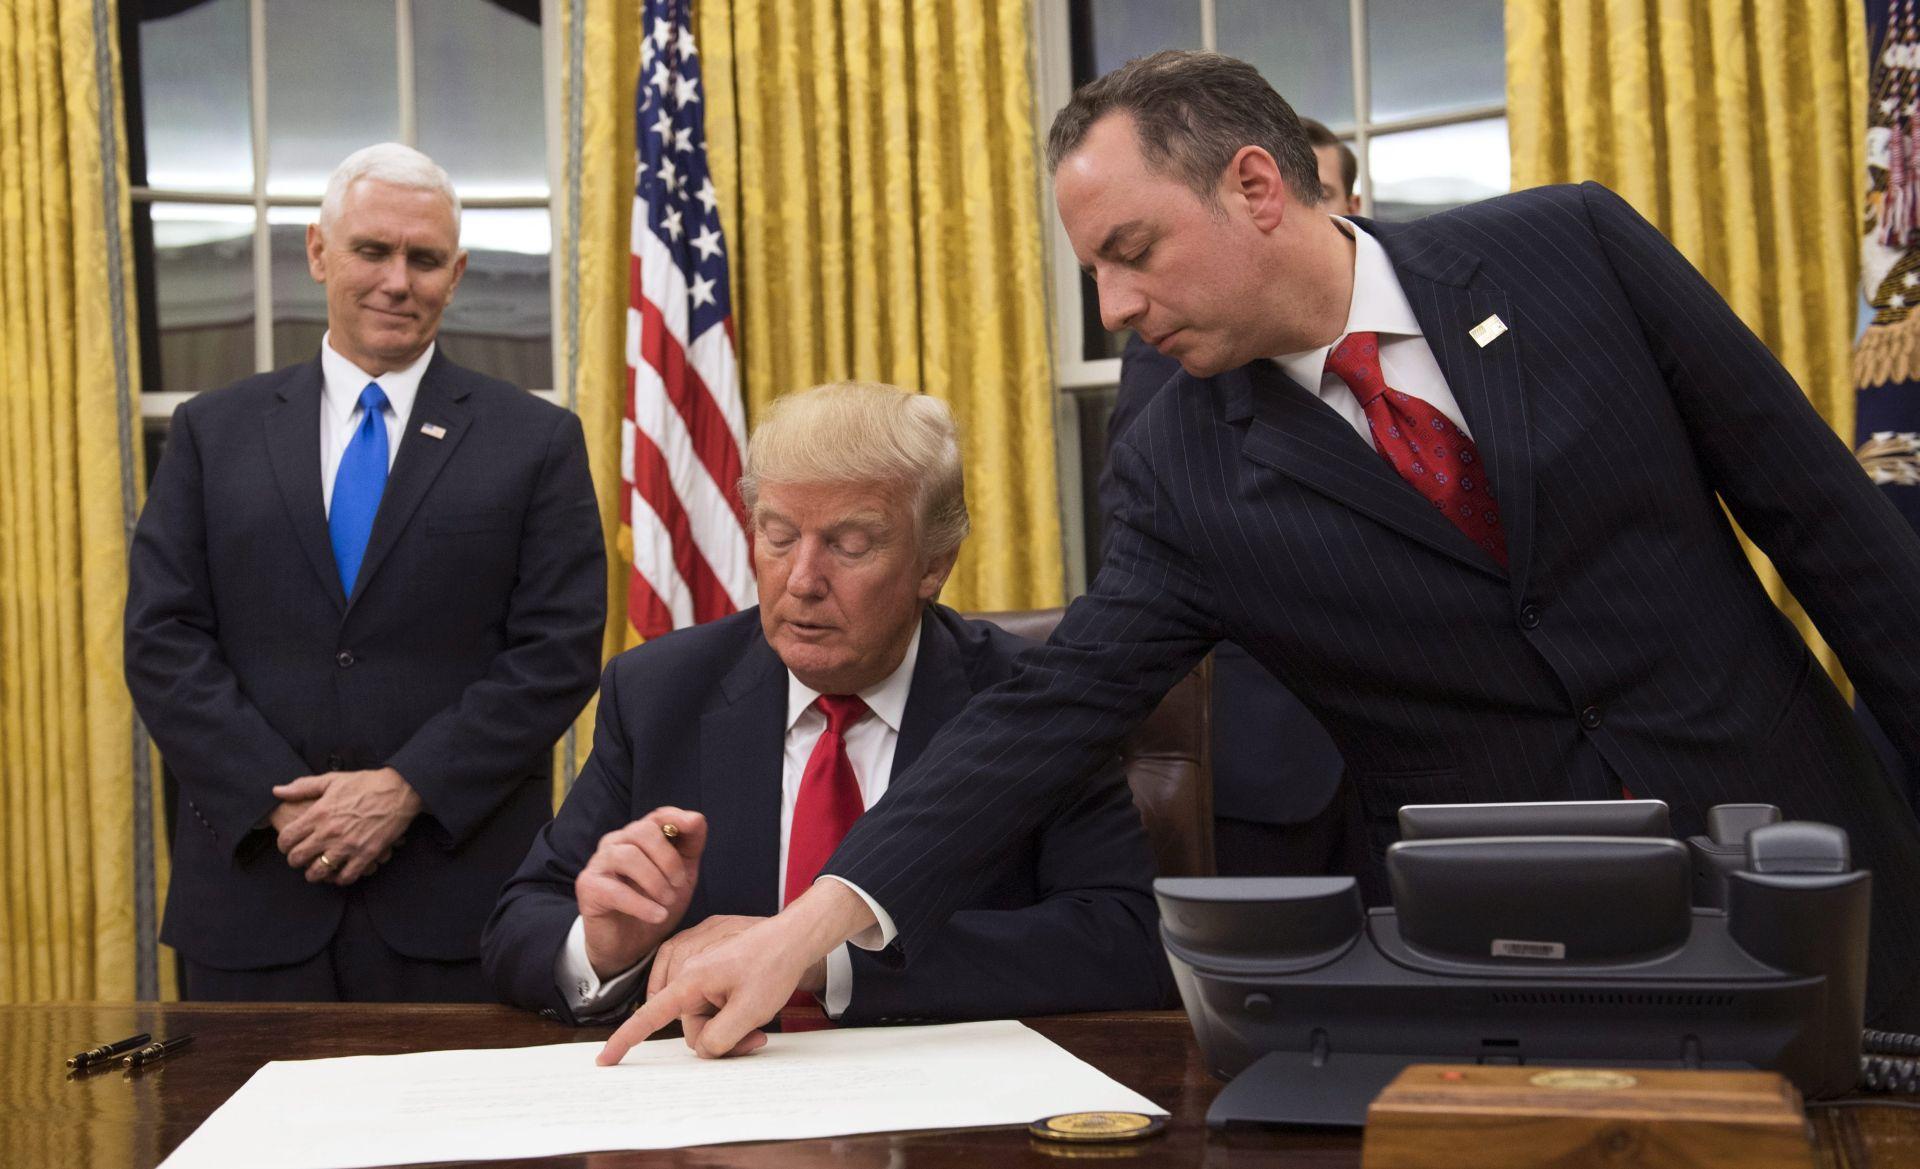 Nova Trumpova uredba o migraciji možda već u ponedjeljak ili utorak